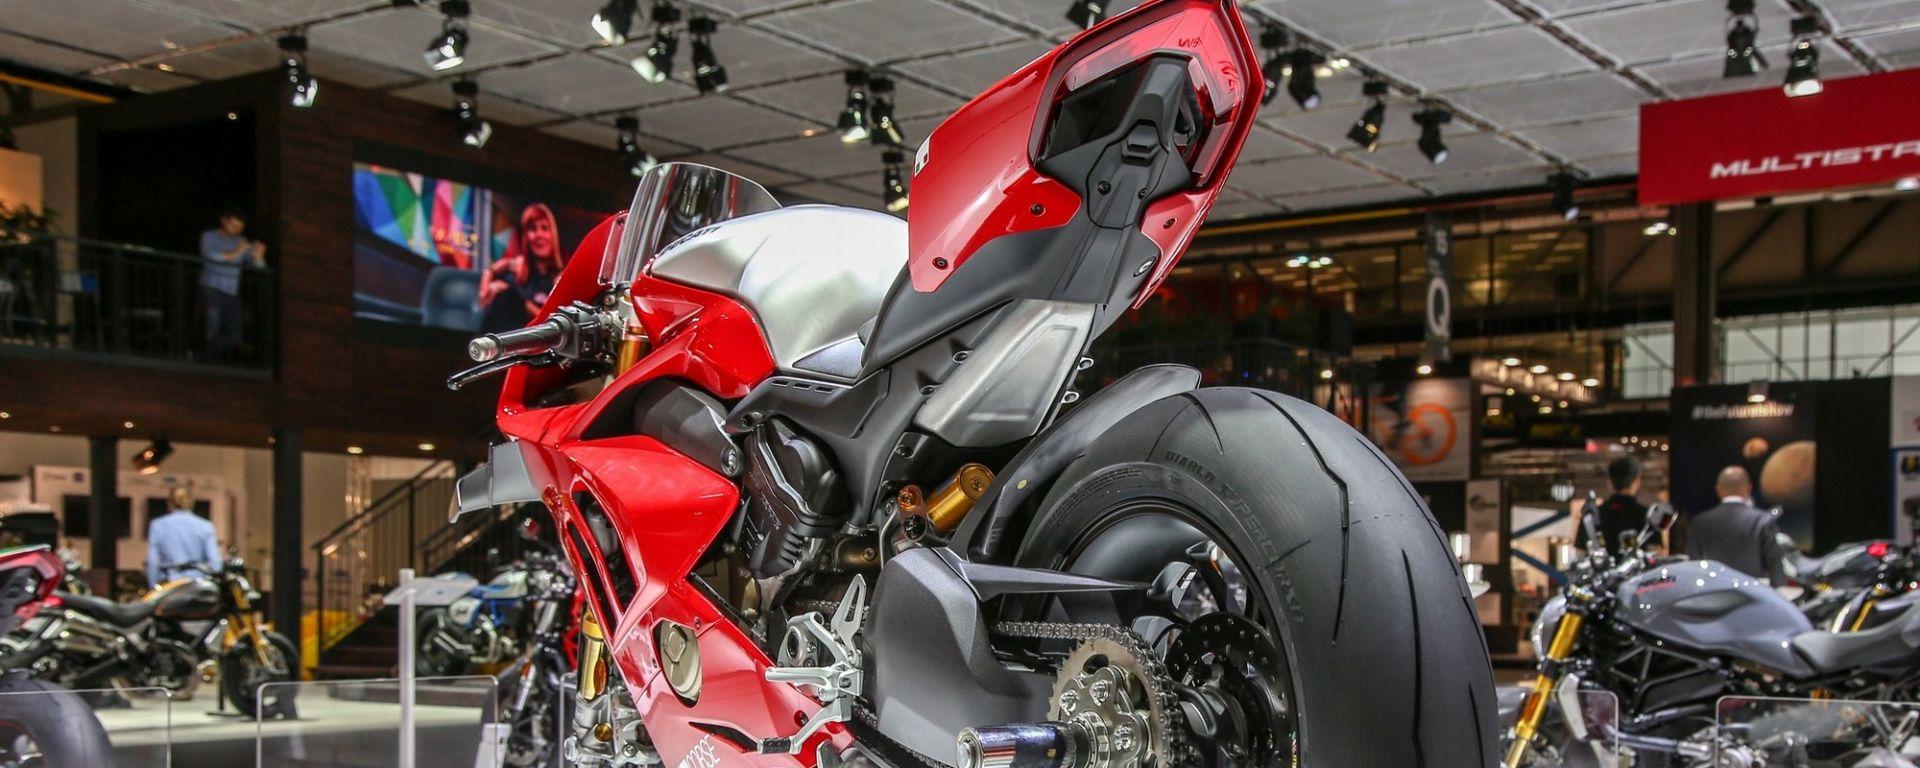 Ducati: alla Panigale V4R spuntano le ali e cavalli in più [VIDEO]